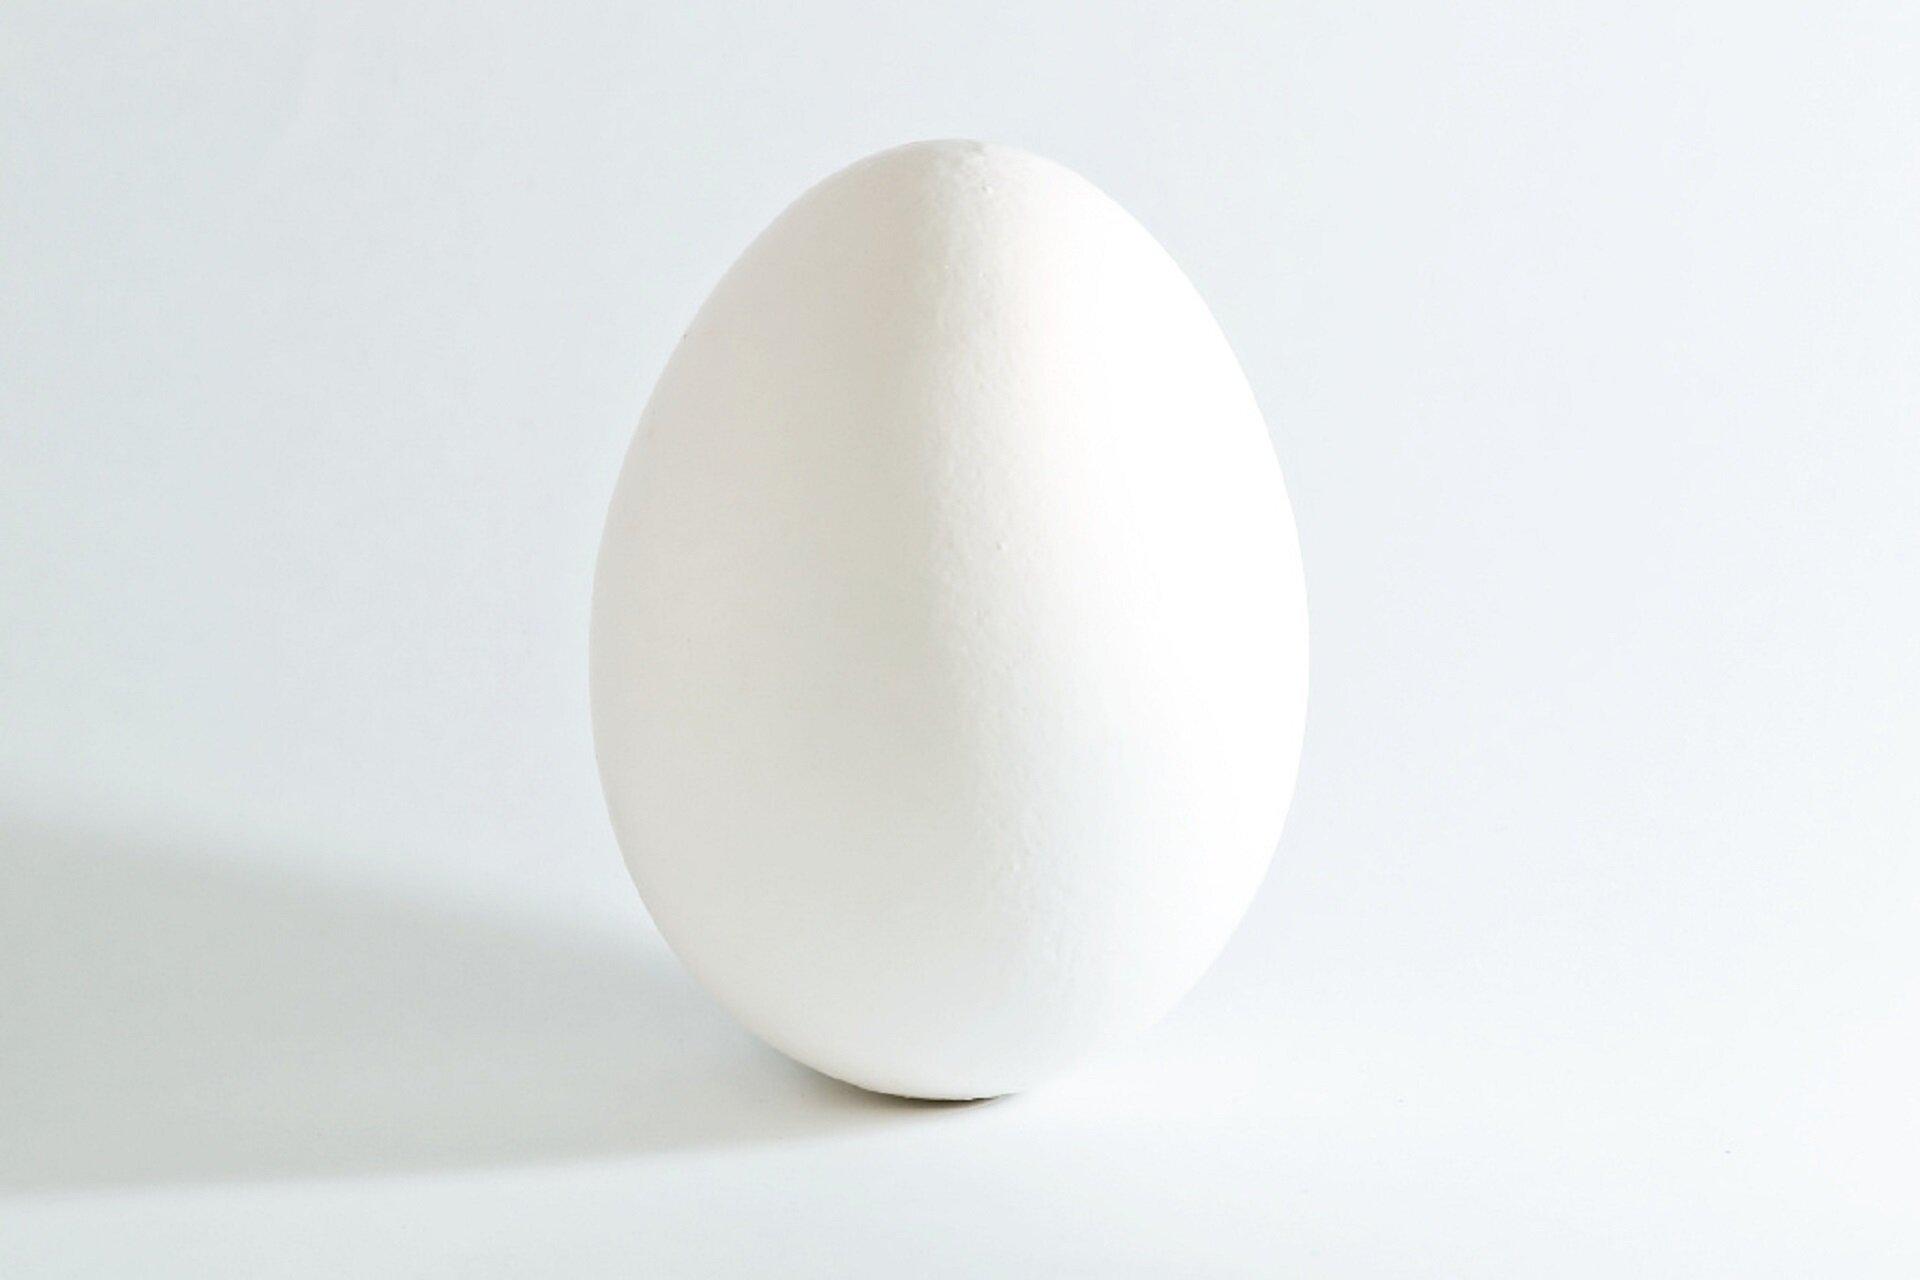 Fotografia nieznanego autora przedstawia białe jajko wpozycji pionowej. Ma ono gładką strukturę bez widocznych pęknięć. Zdjęcie zostało wykonane na białym tle.